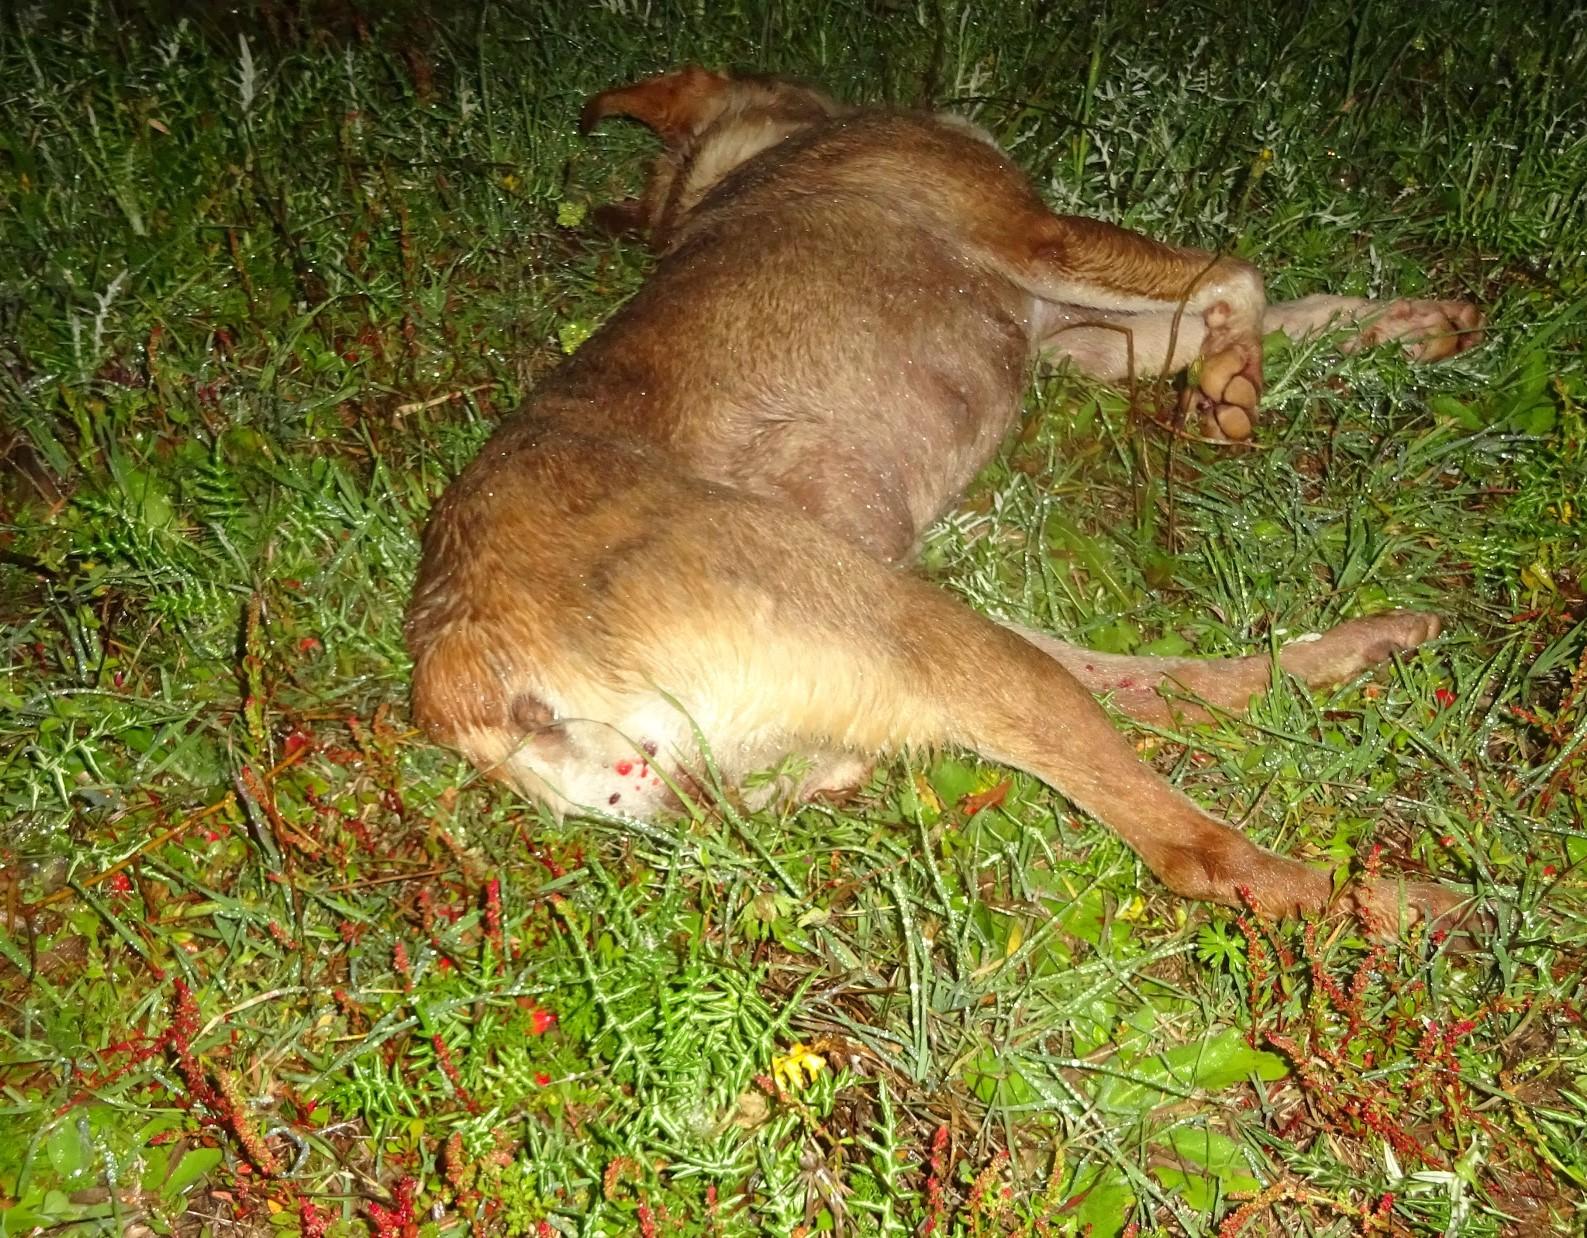 Παναιτώλιο: Νεκρός σκύλος από σκάγια κυνηγετικού όπλου (φωτο)